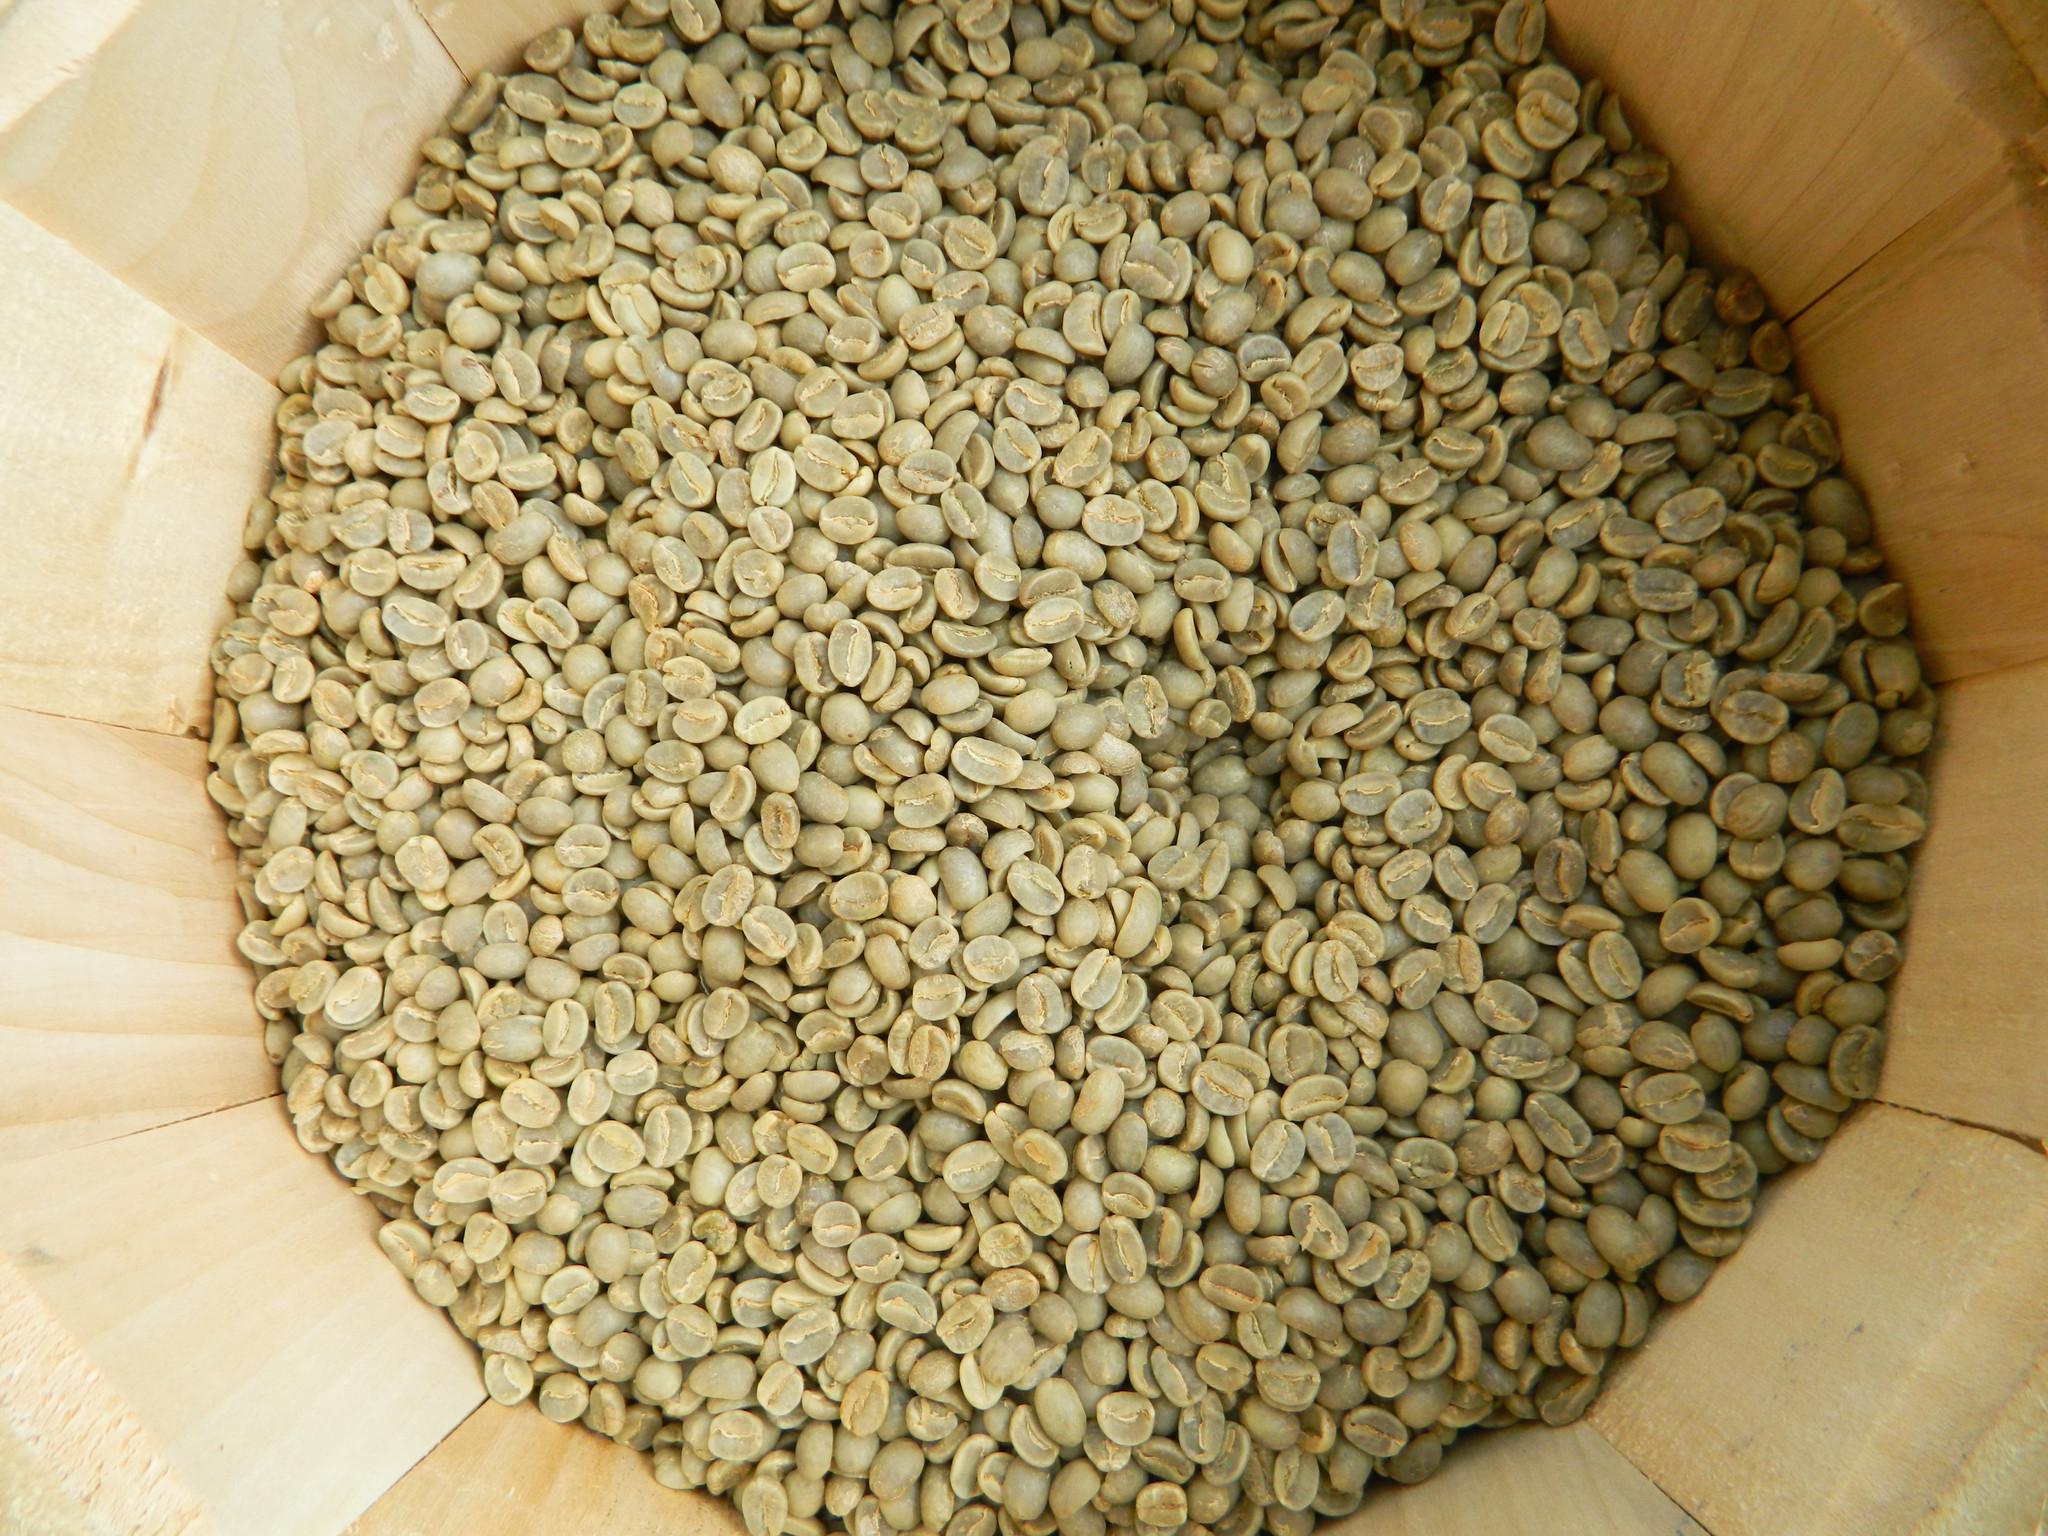 Jamaica Blue Mountain Coffee Beans Mavis Bank Gr 1 FW Arabica.